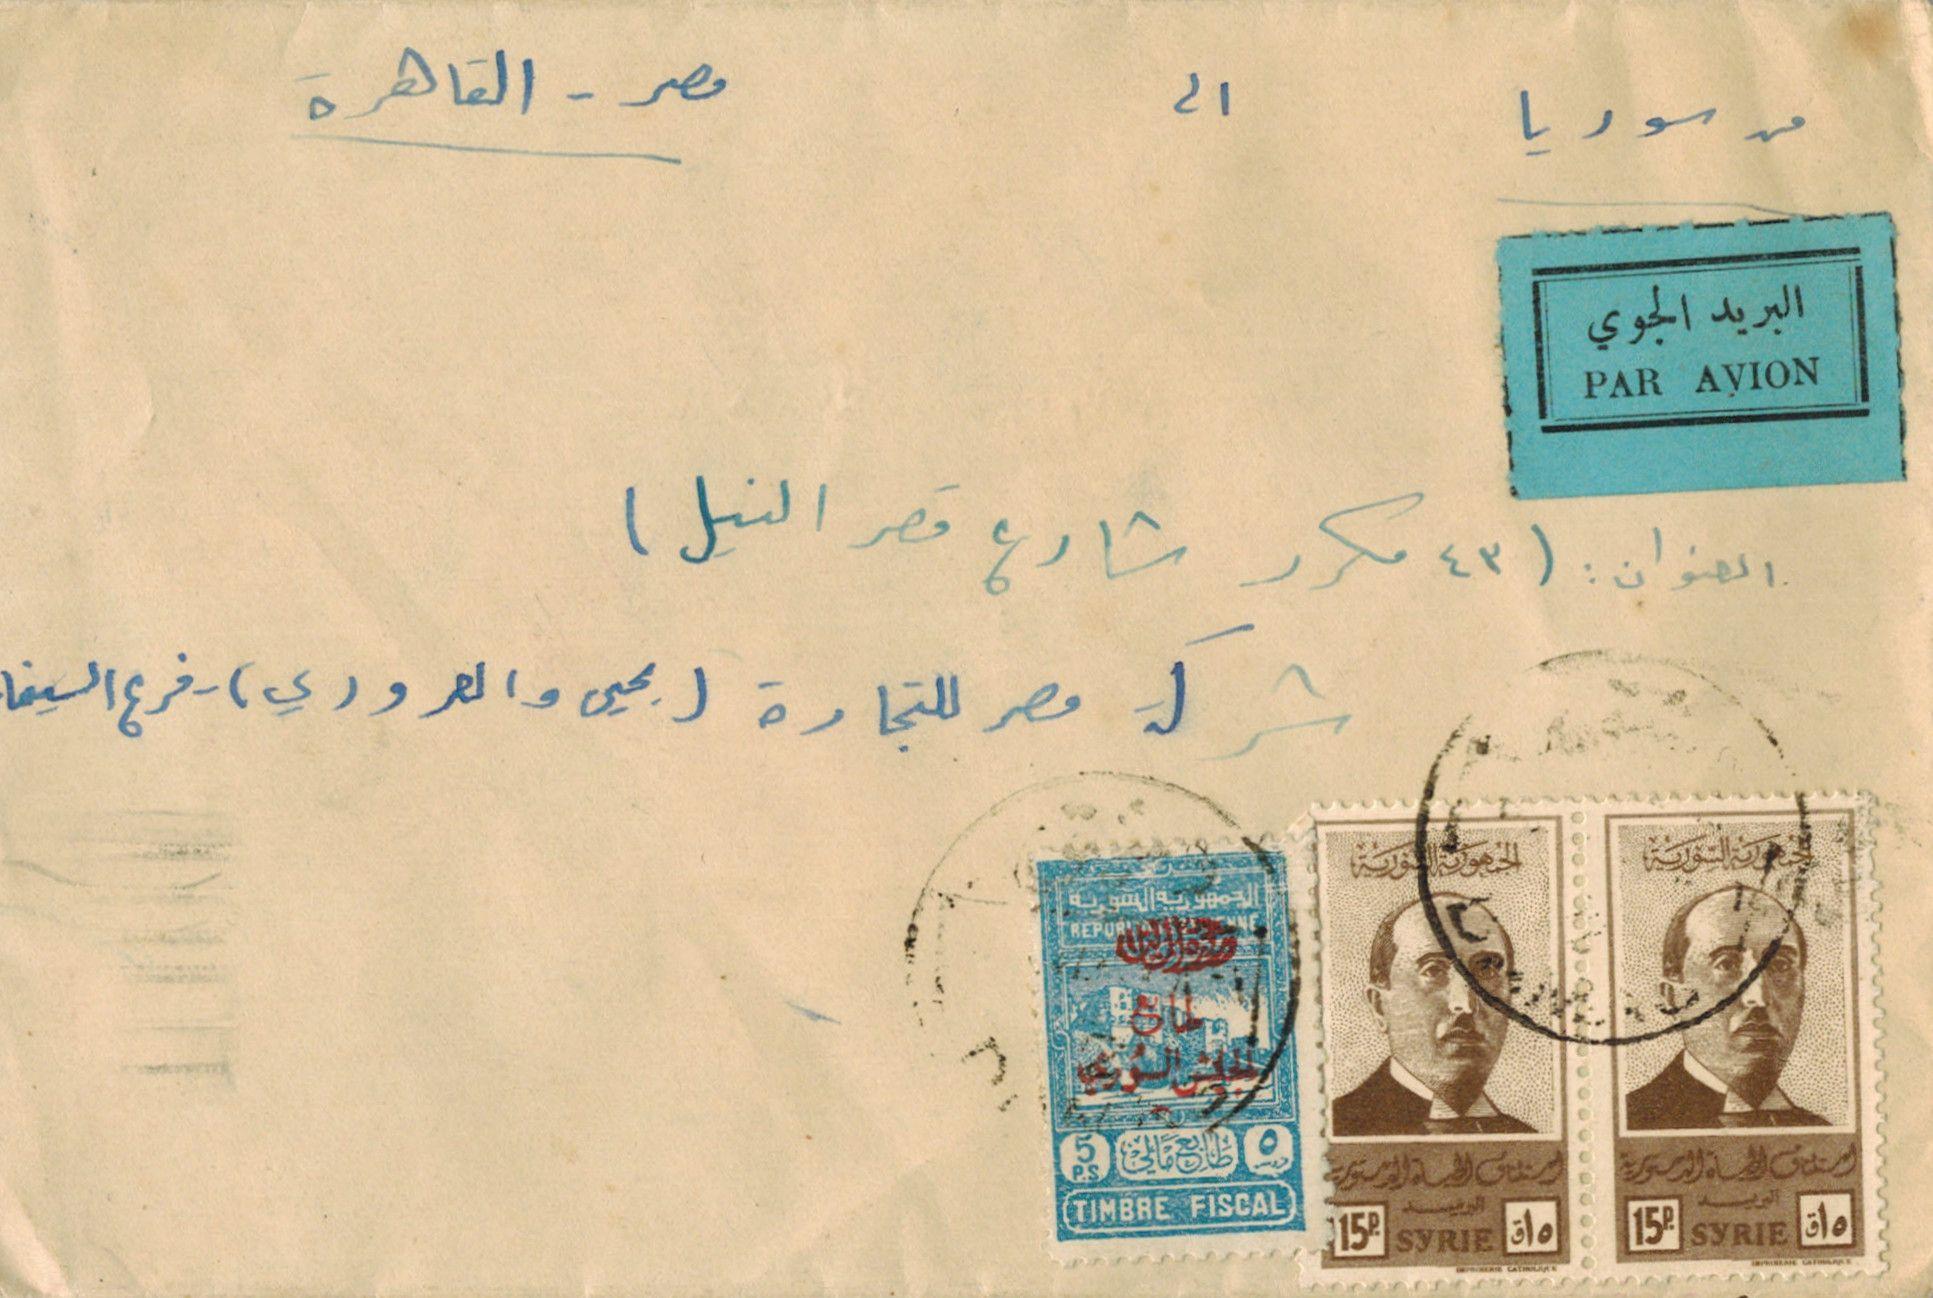 طوابع الجمهورية السورية 1946 Postal Stamps Stamp Syria